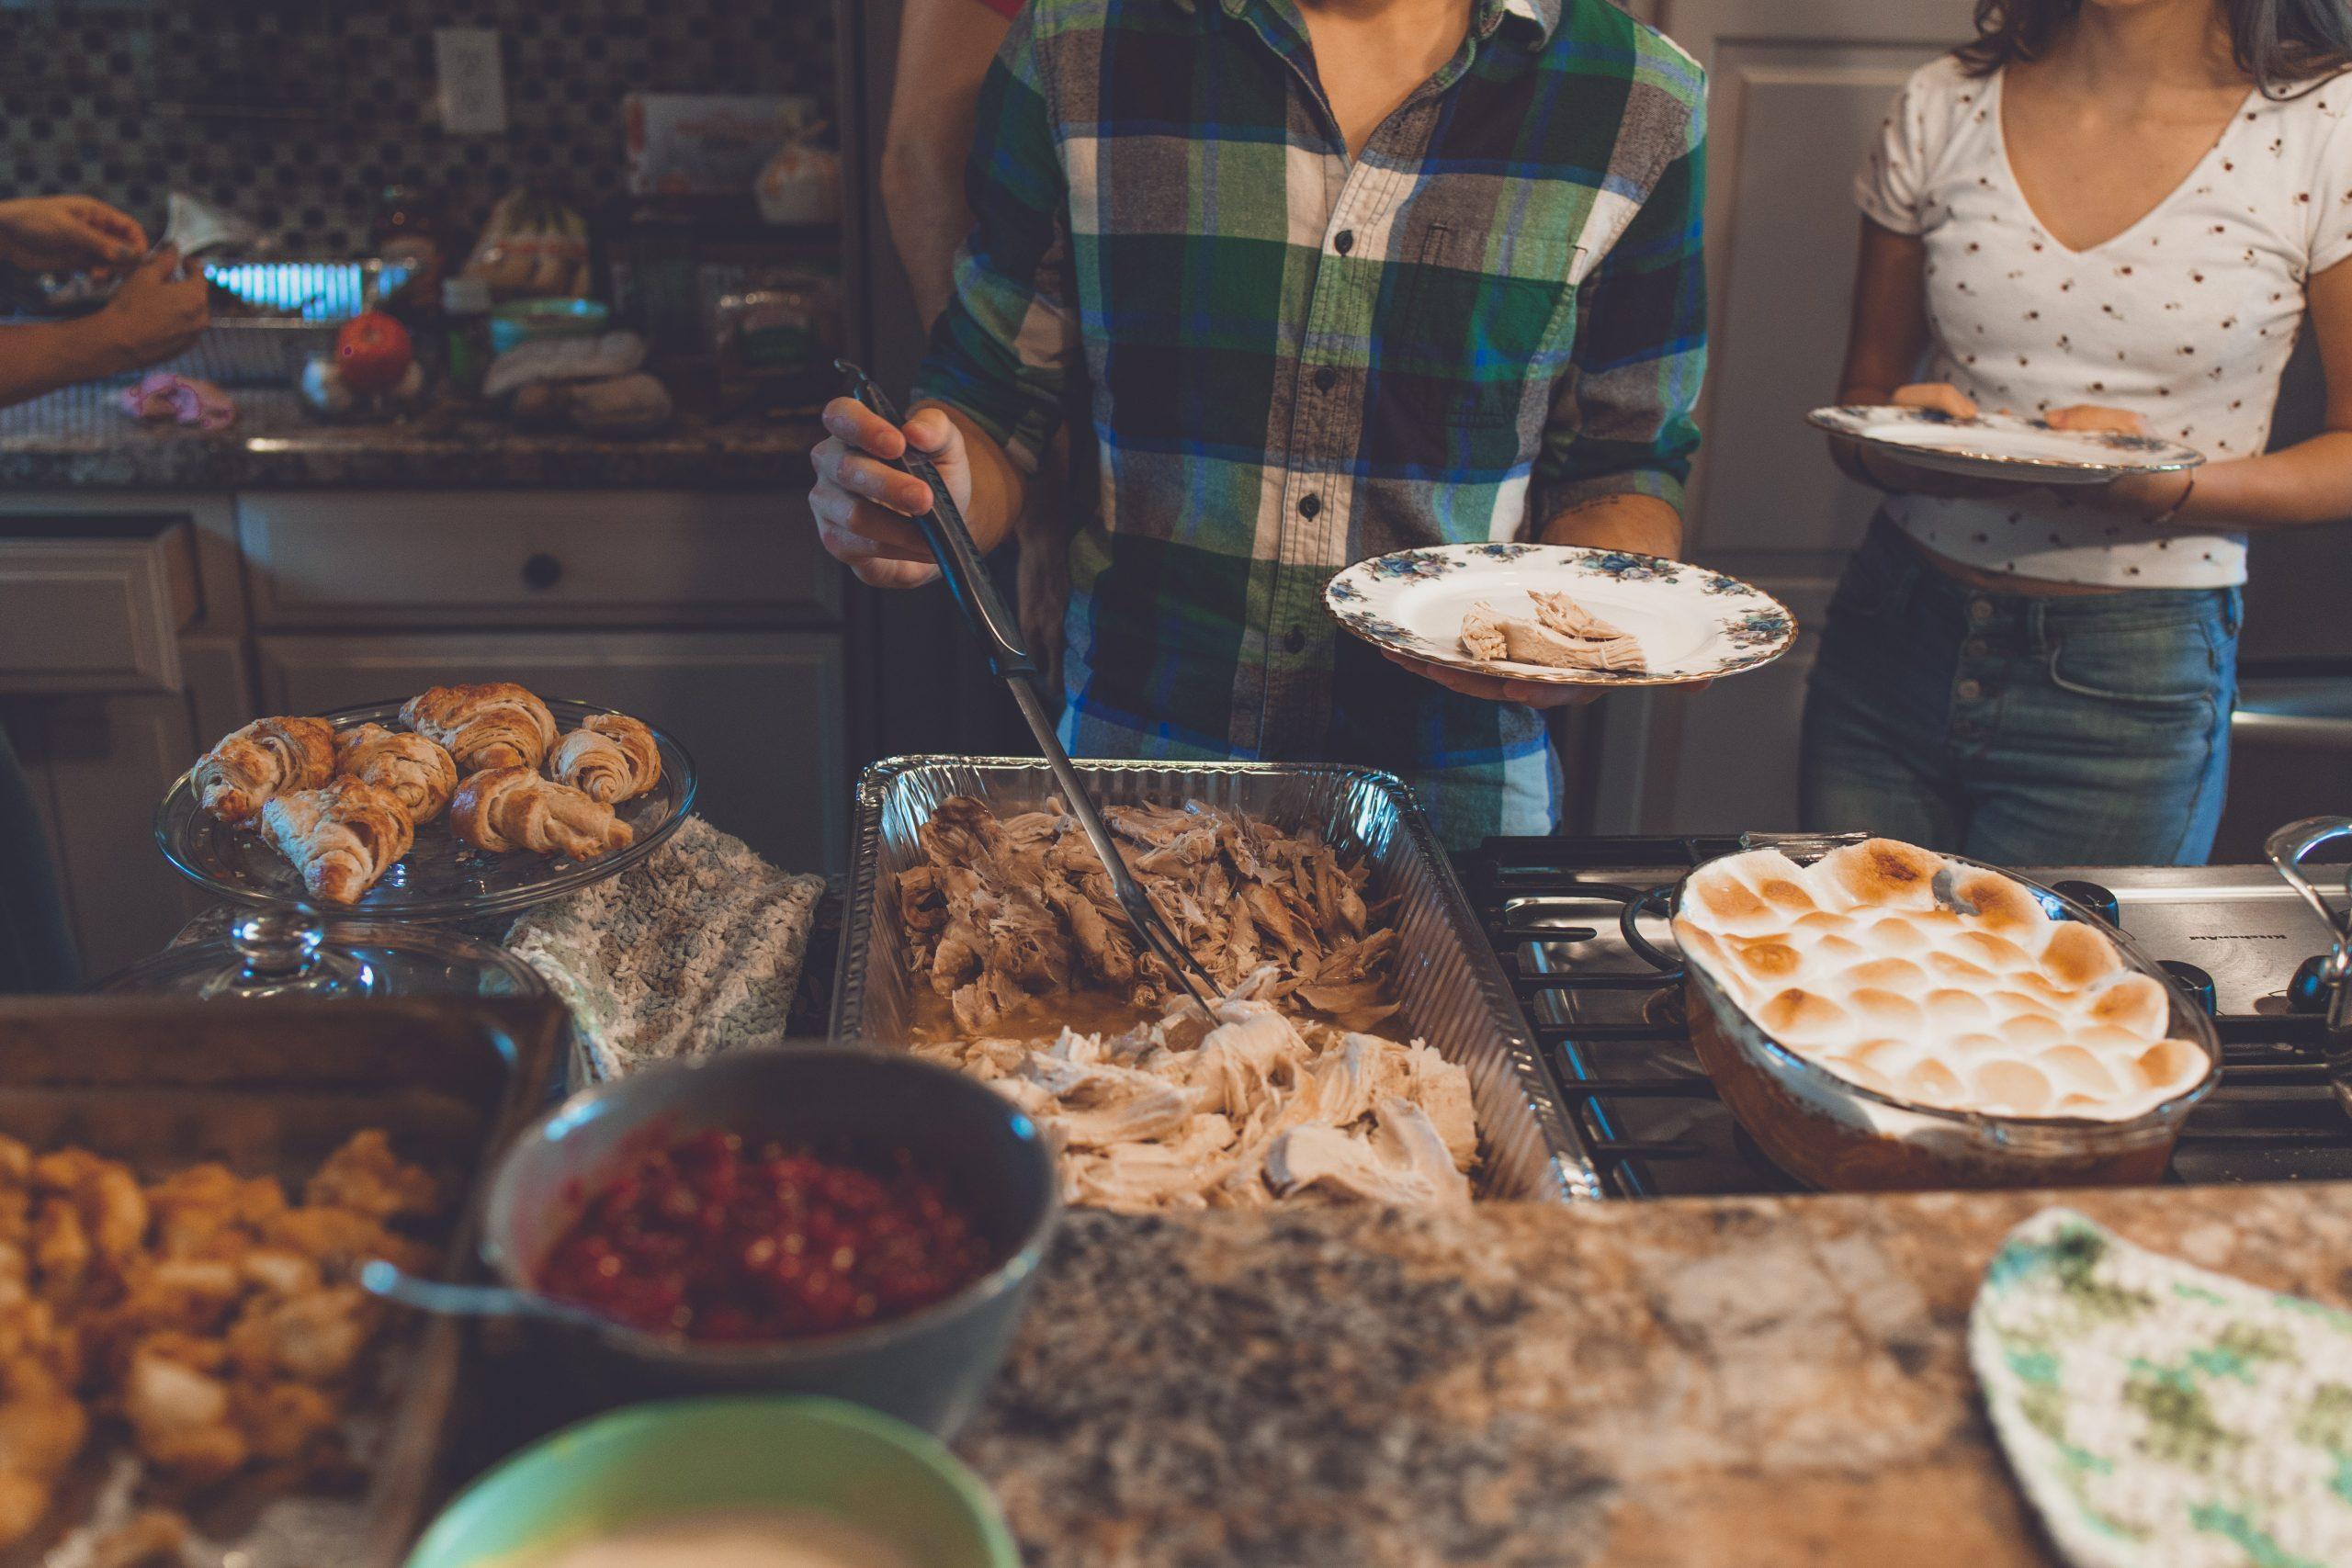 ¿Listos para la cena navideña? Esto te tomaría contagiarte de COVID-19 en una reunión